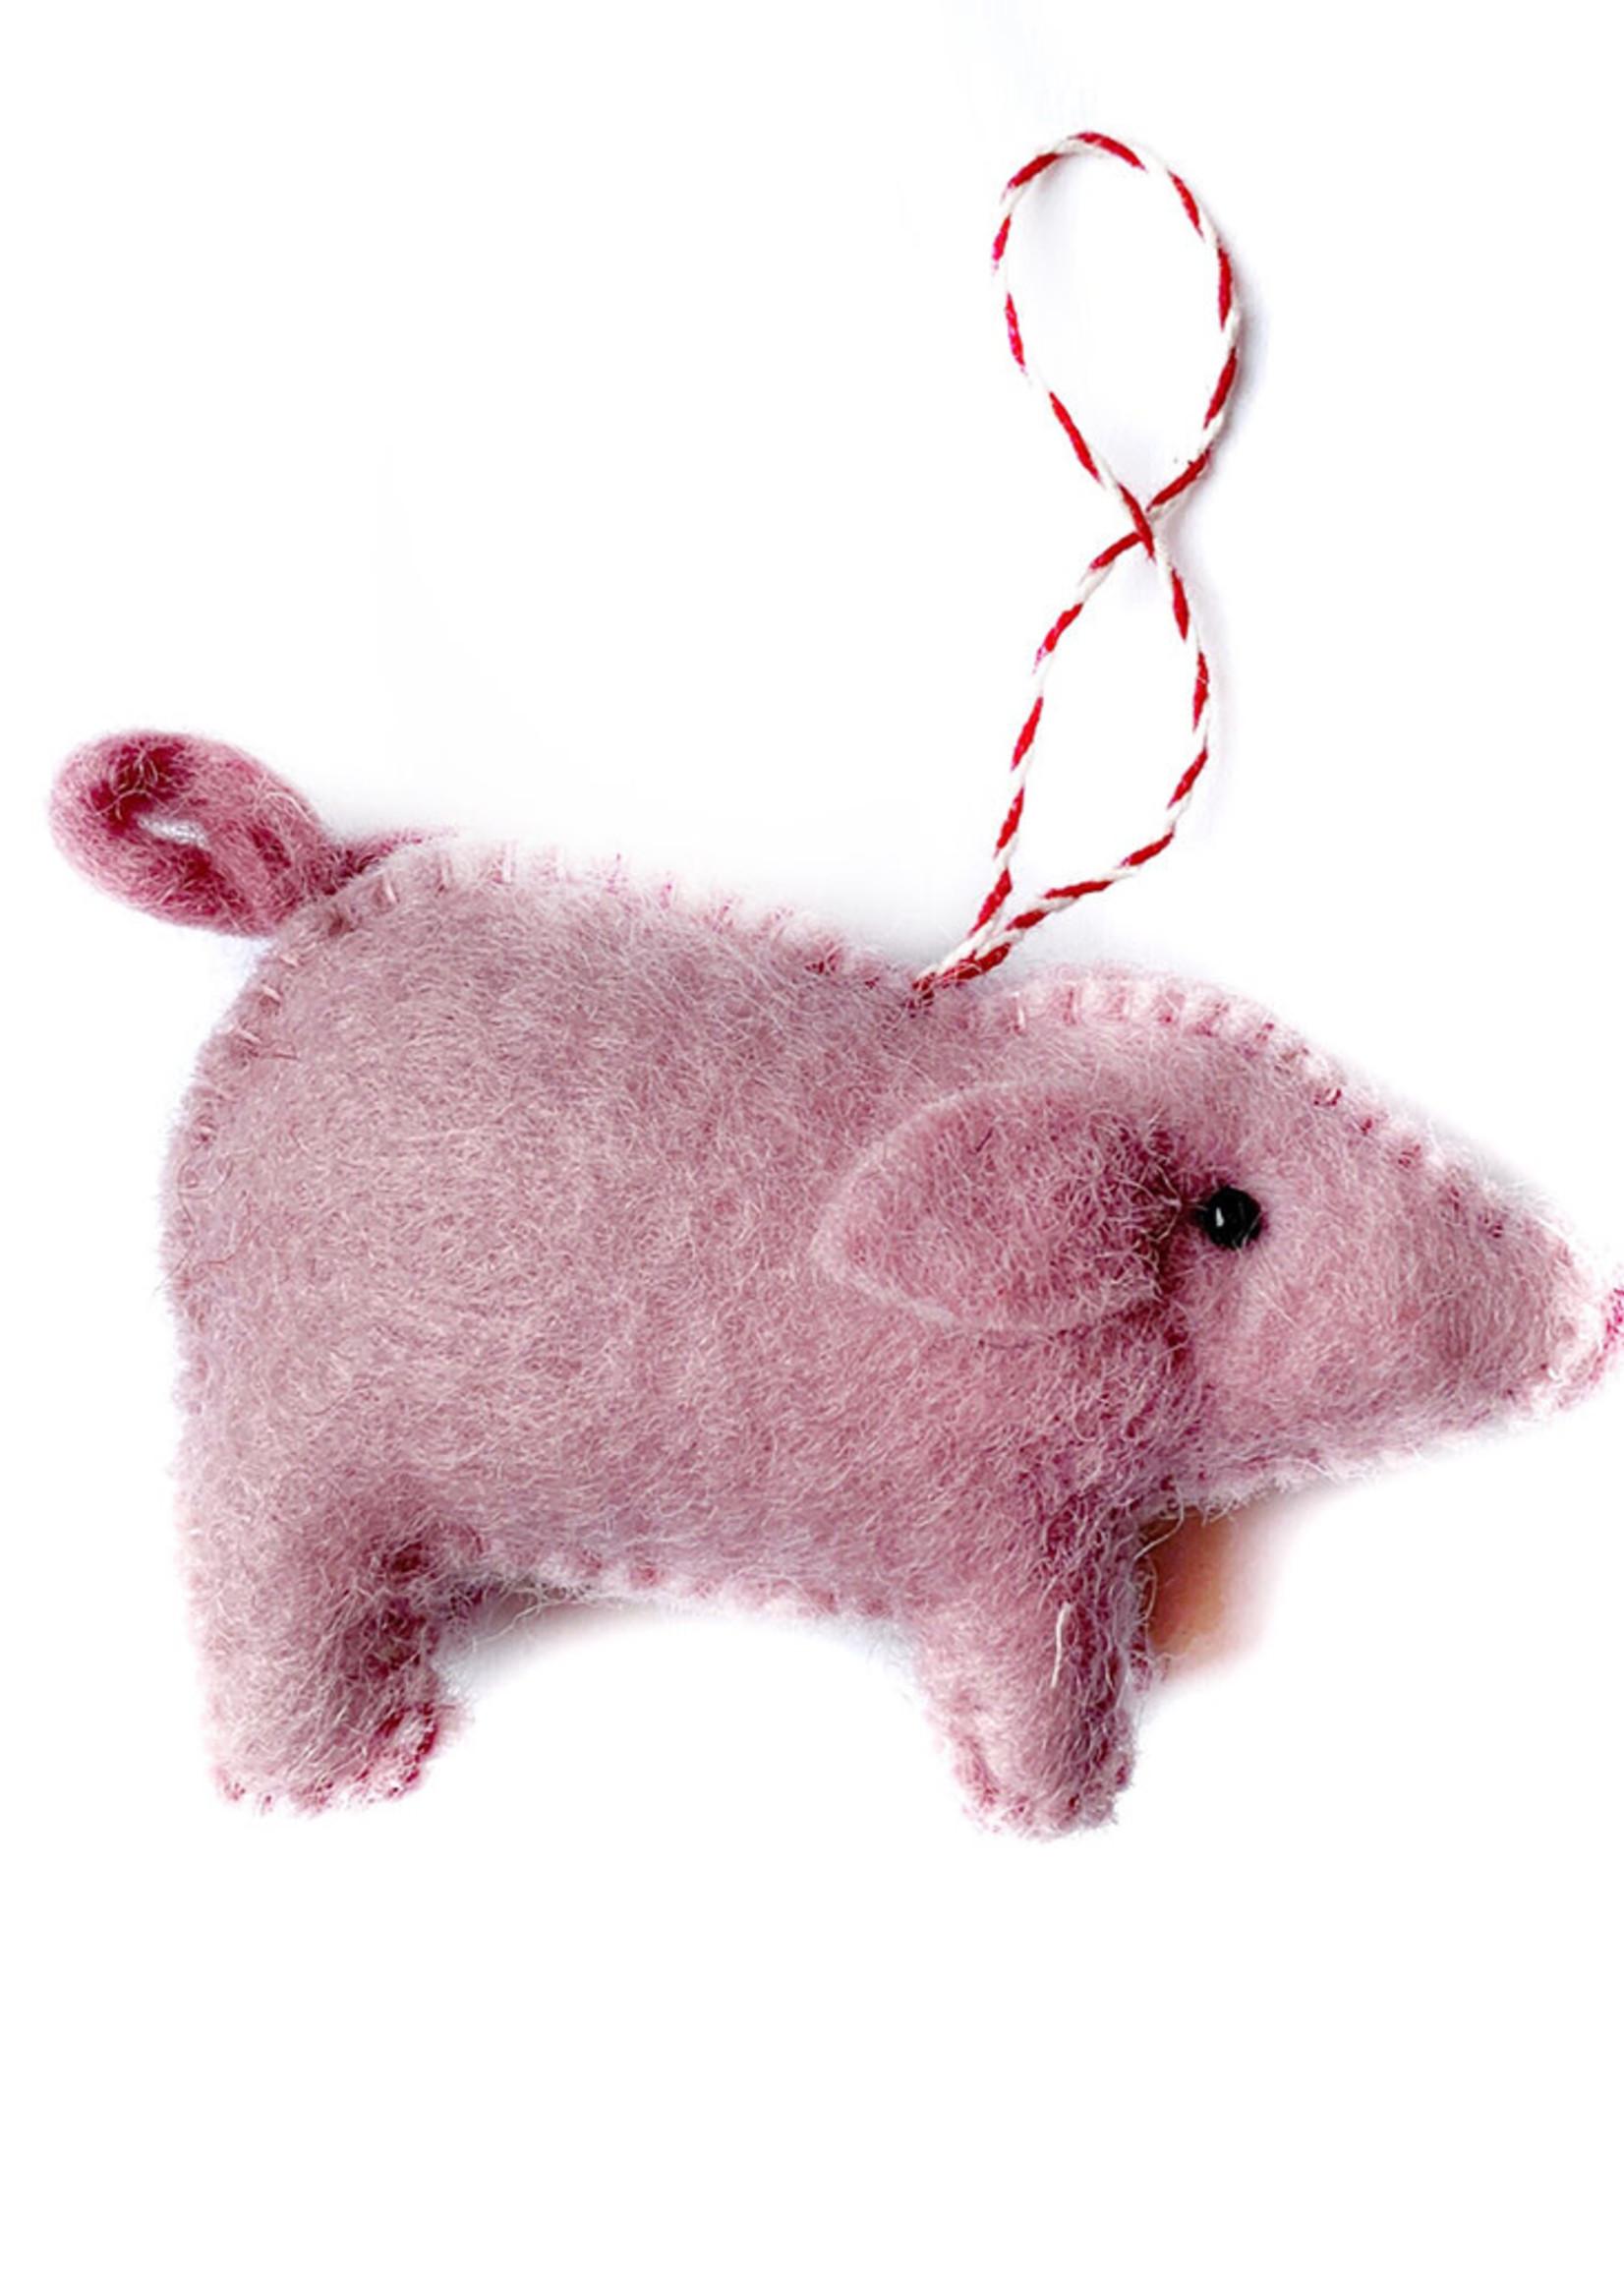 Felt Pig Ornament